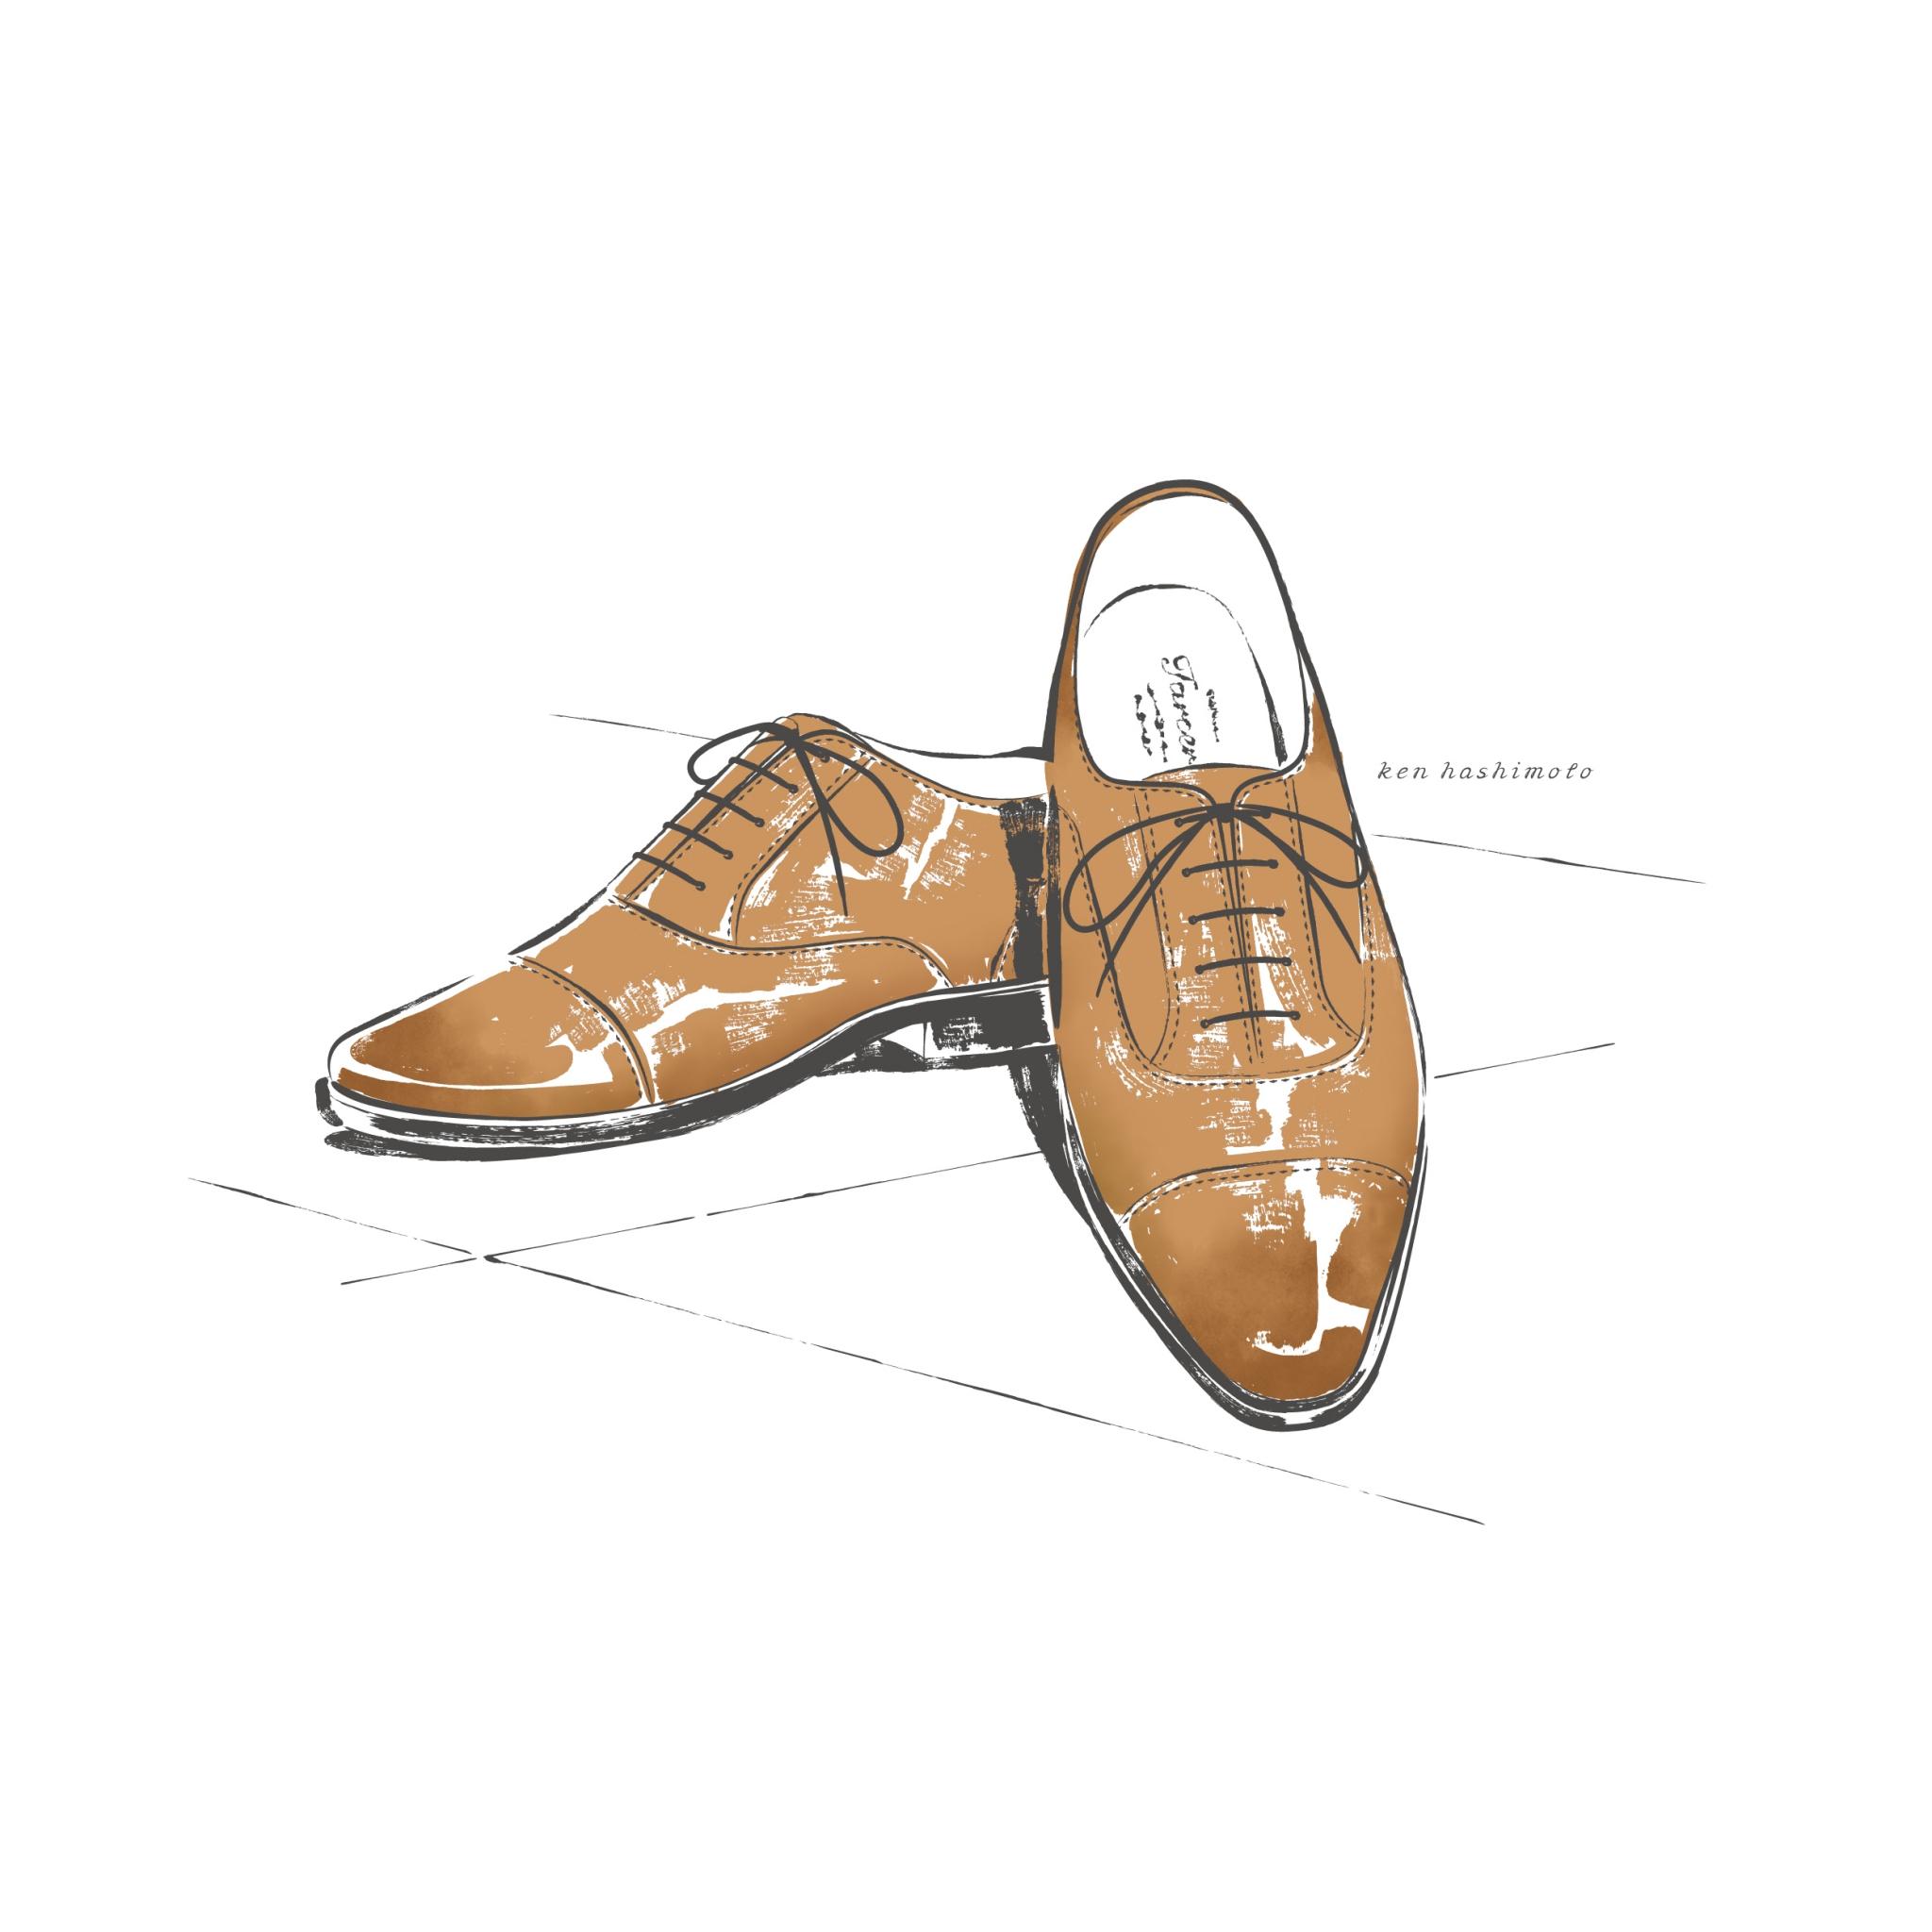 革靴イラスト